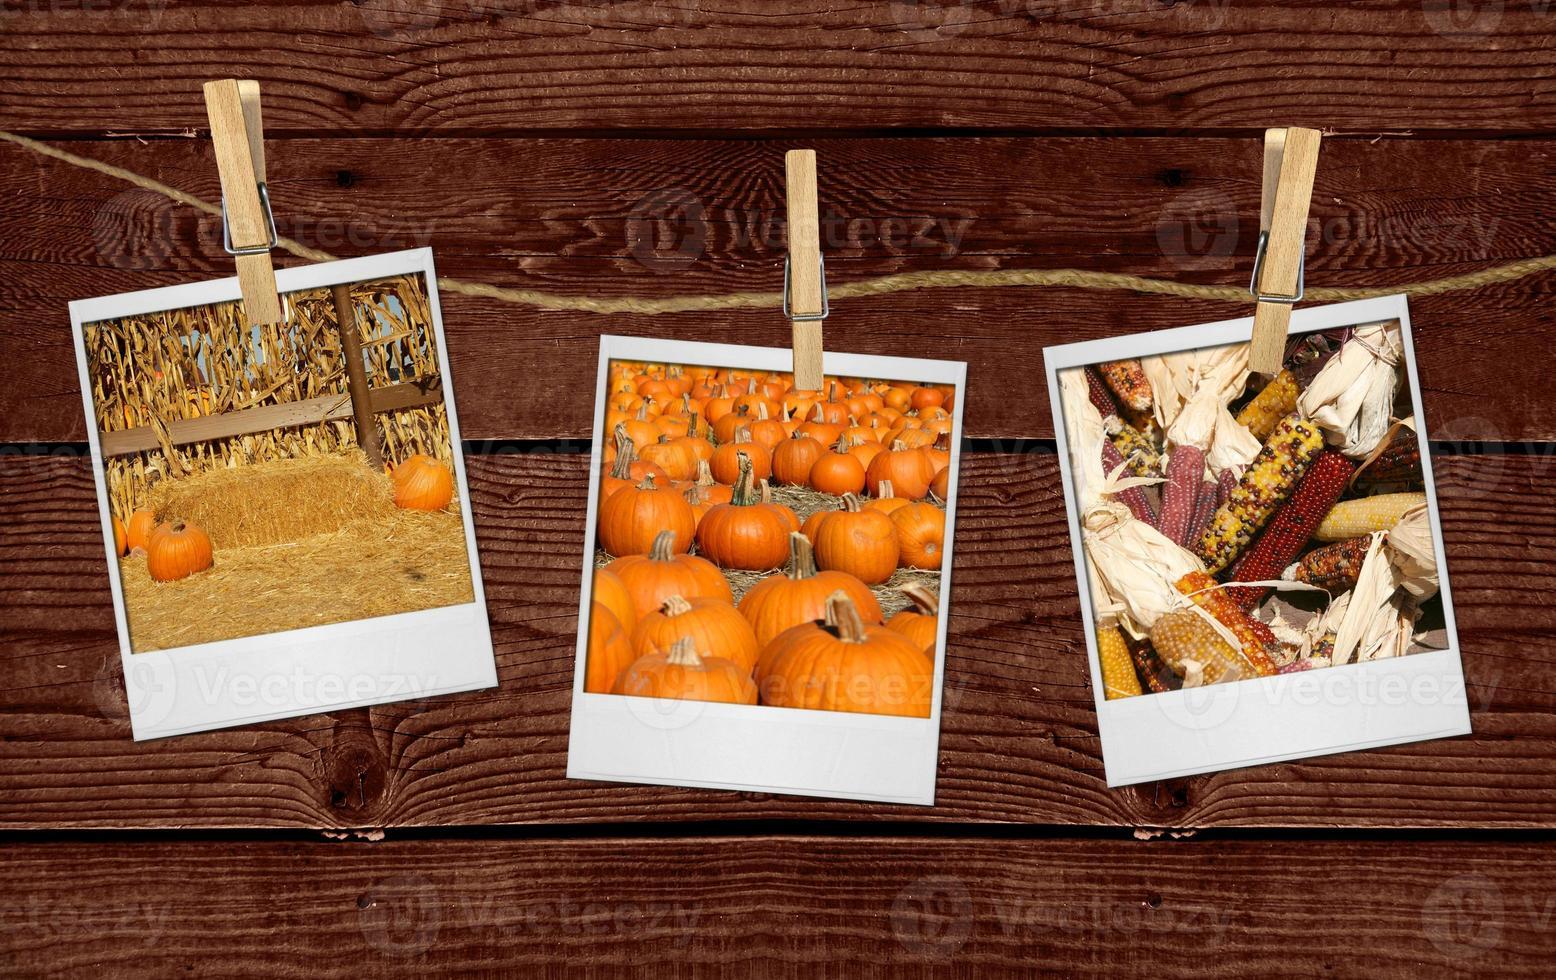 bilder på fallrelaterade bilder som hänger på ett rep foto